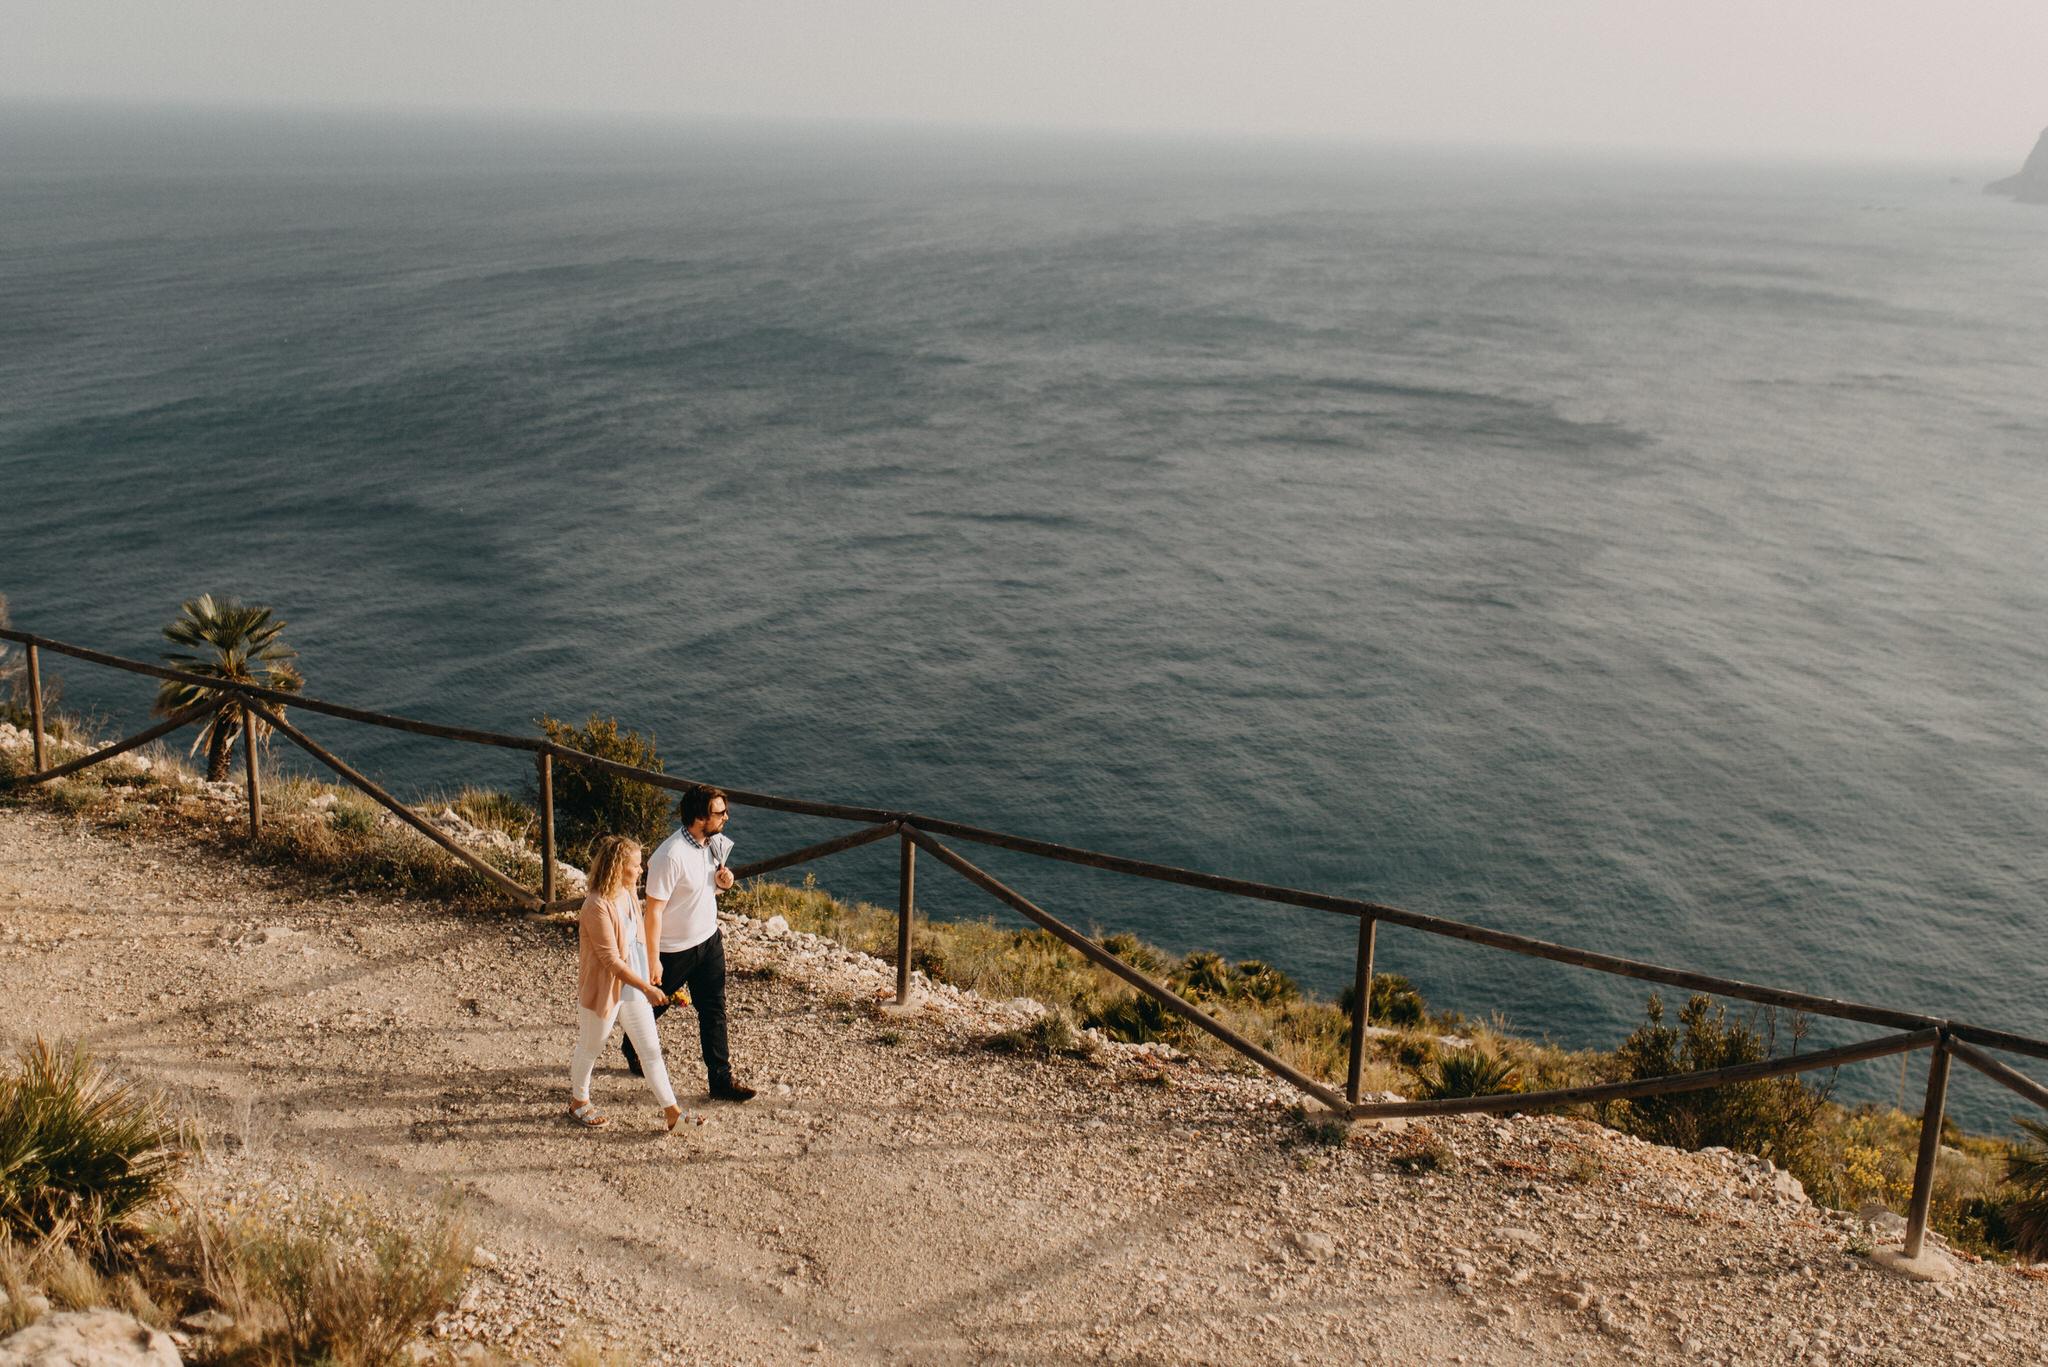 Sesja ślubna zagraniczzna Hiszpania Staszek Gajda0101.JPG